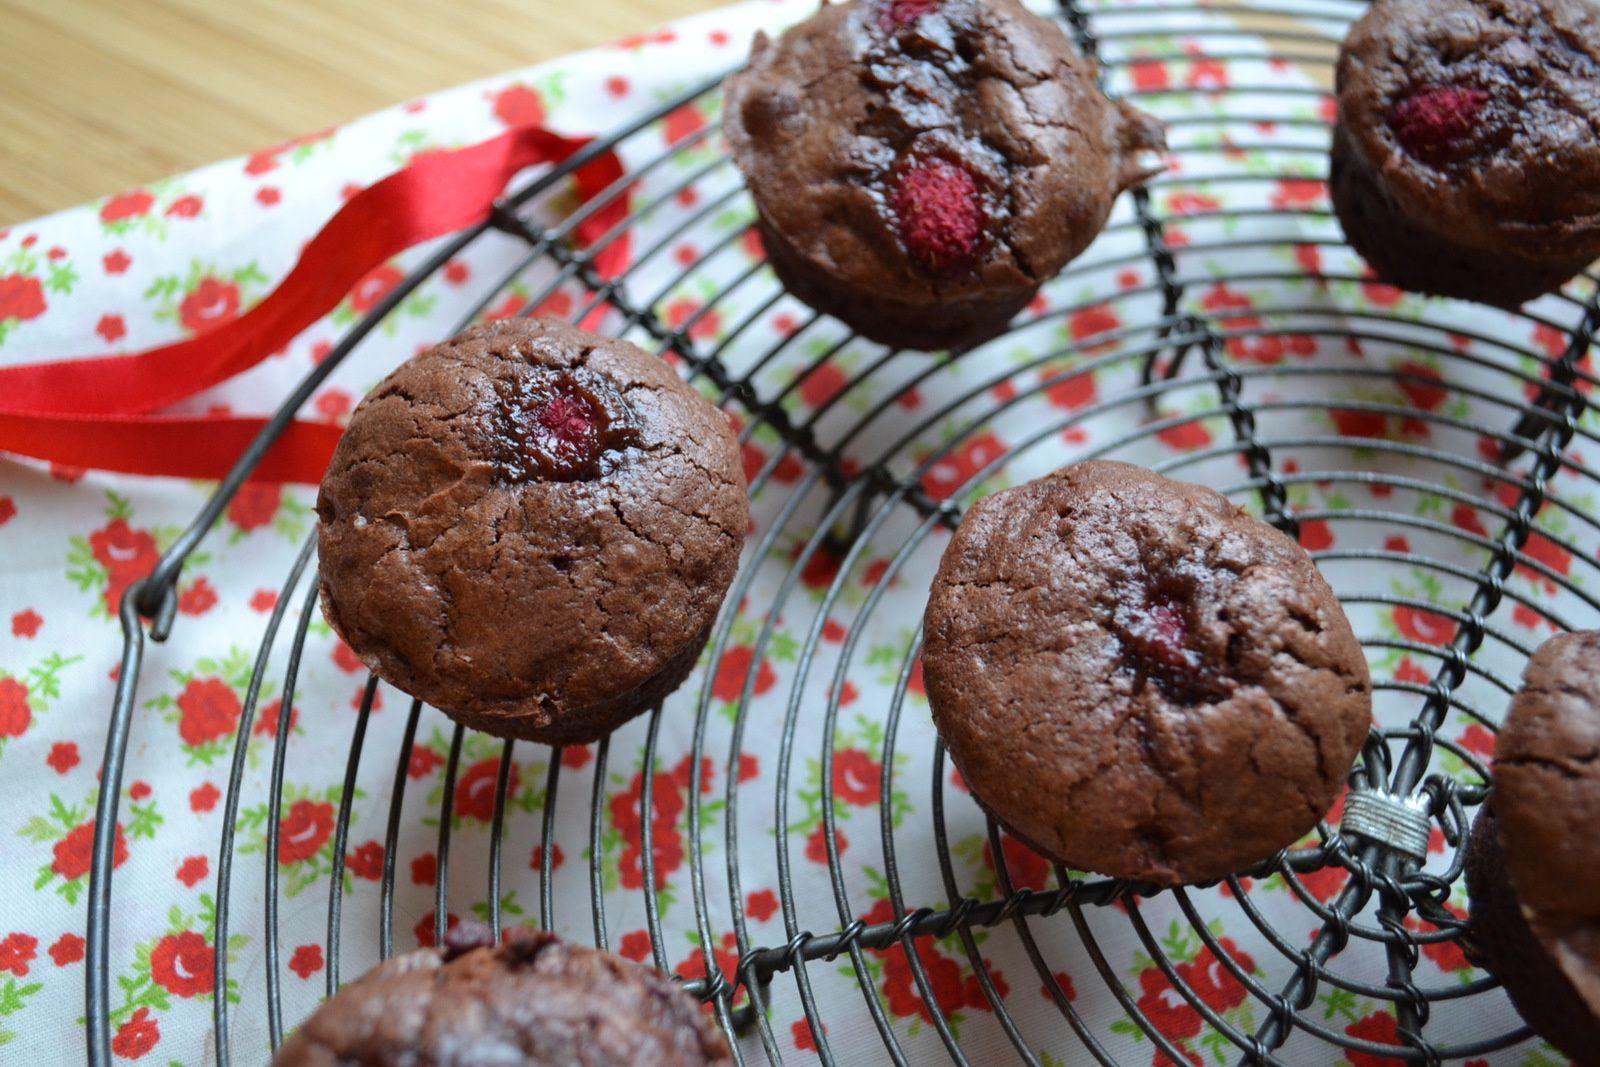 Salon du blog à Soissons : deux recettes autour des légumes : un gâteau au panais et des brownies à la betterave